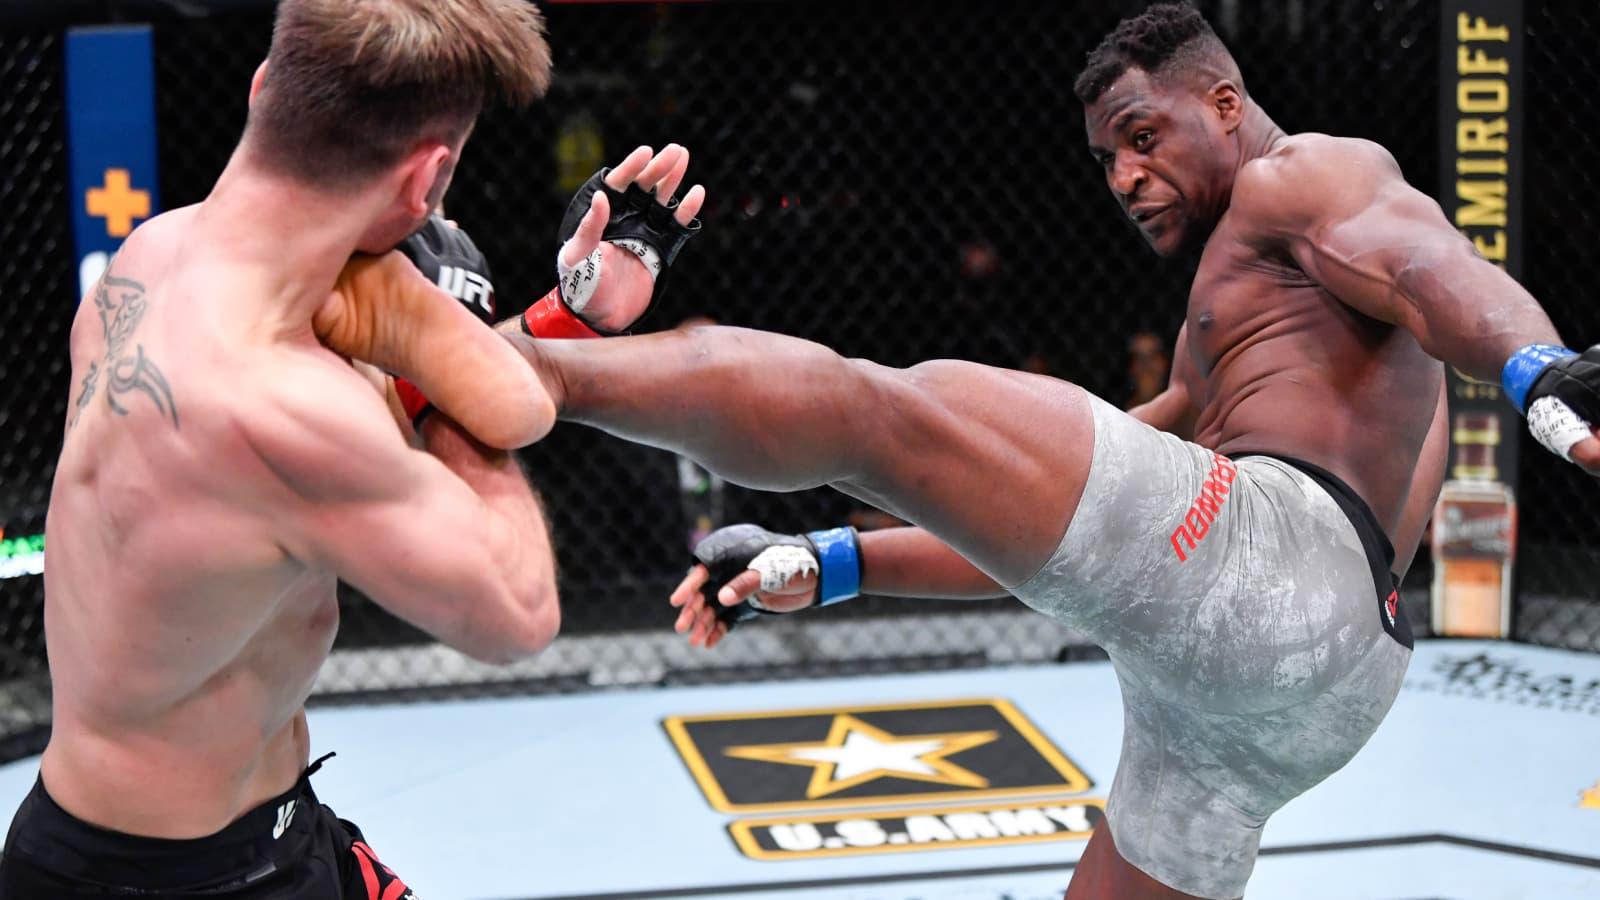 Suivez l'UFC en exclusivité sur RMC Sport